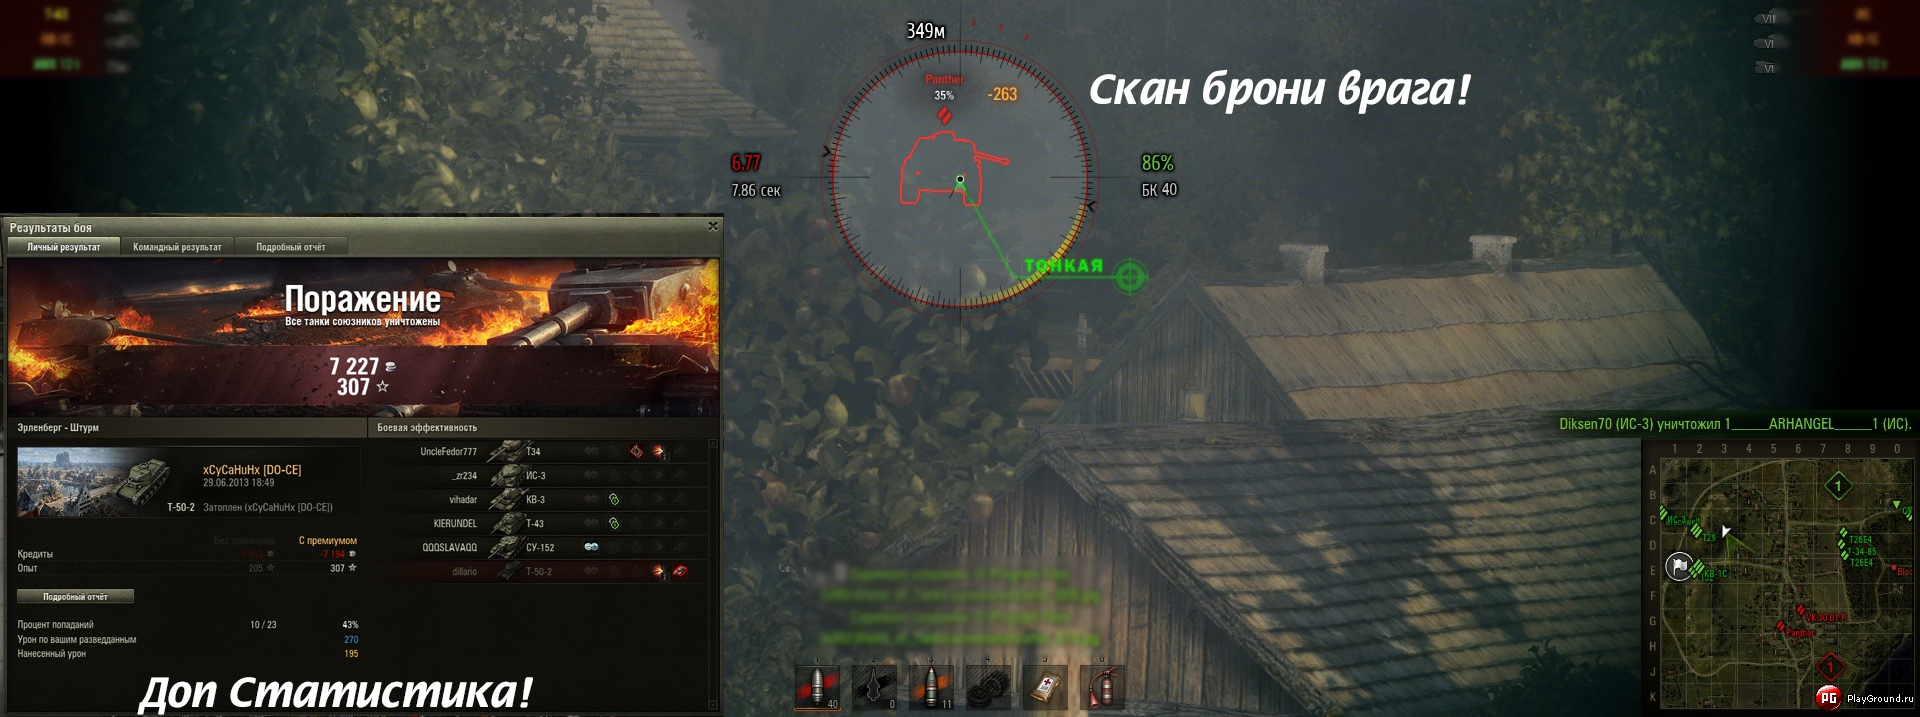 Патч для отображения слабых мест танков игры world of tanks. gjxtve pfdbc..